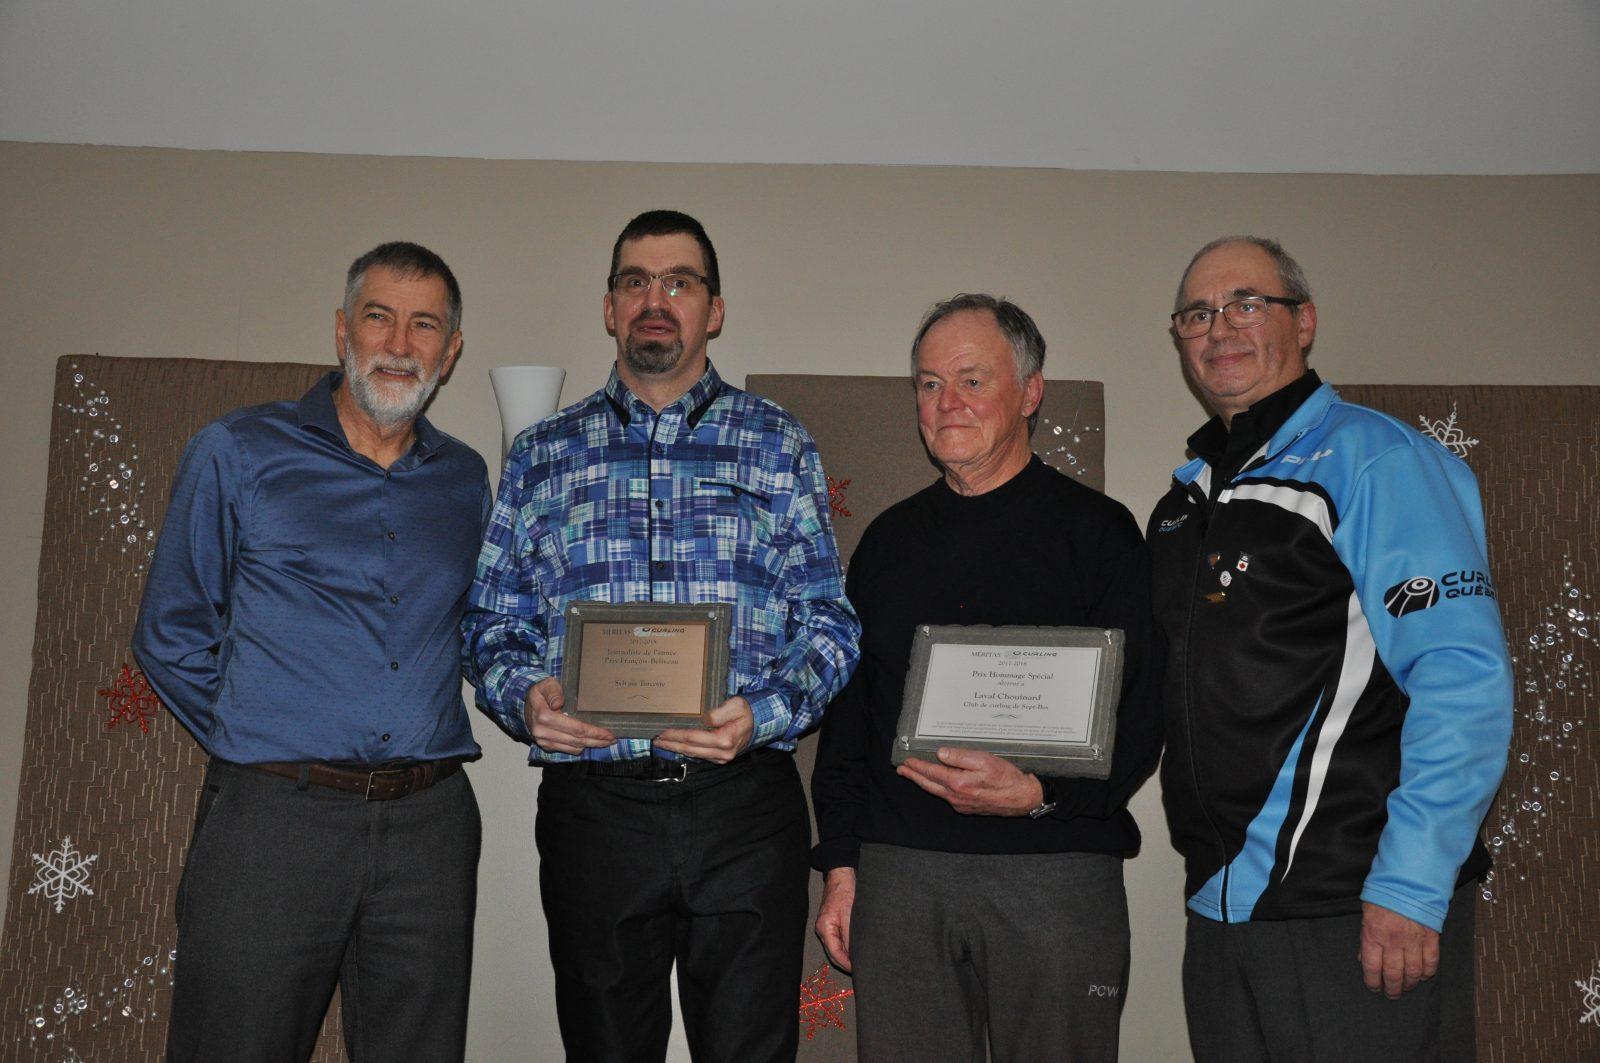 Curling Québec récompense Laval Chouinard et Sylvain Turcotte